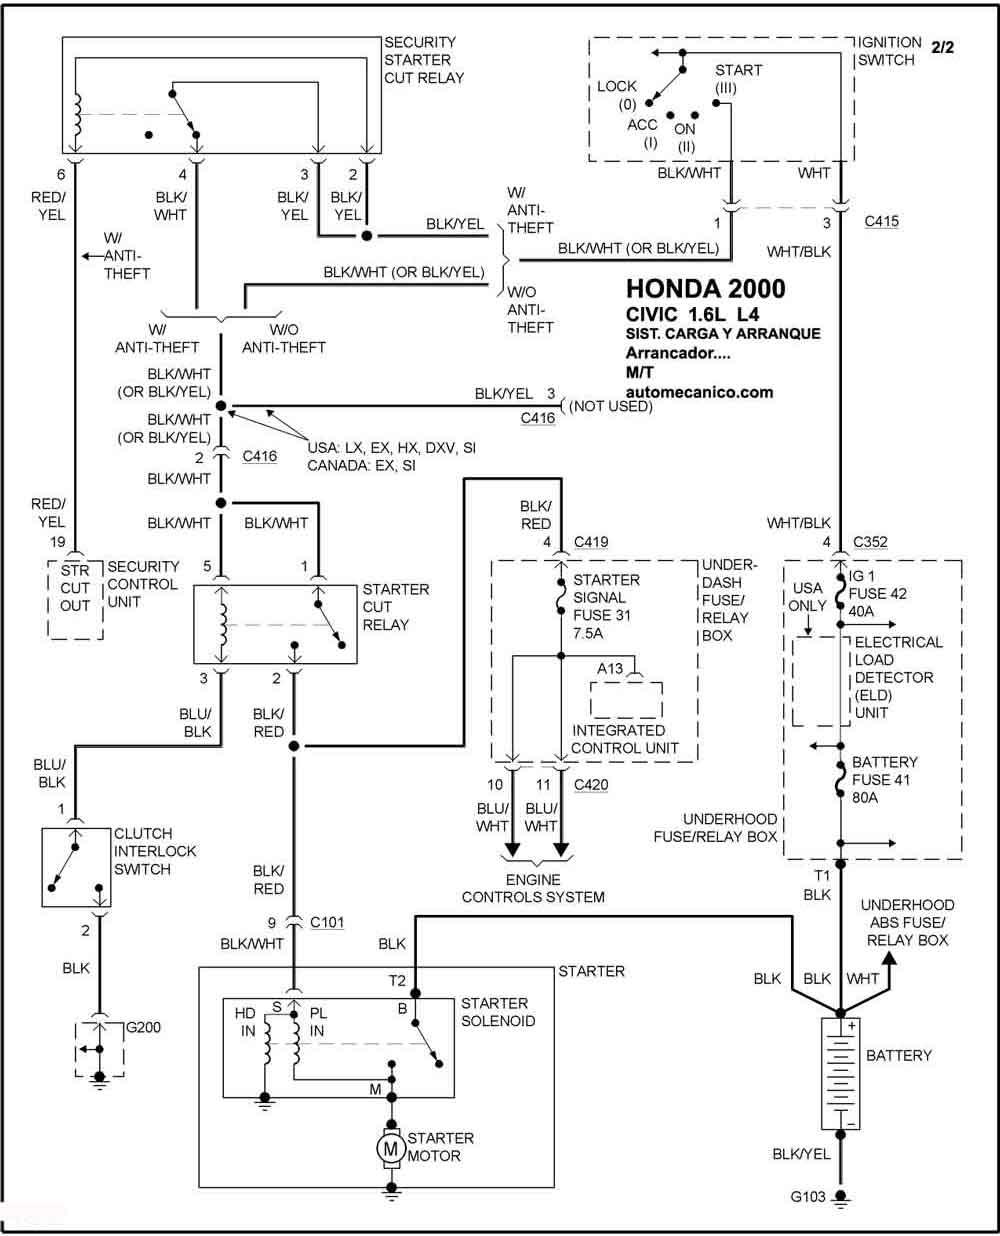 Diagrama Fijacion Anclaje Motor Banda Tiempo likewise Diagrama Caja De Fusibles additionally Diagrama De Fusibles Ford F150 1997 likewise WifWZpzNwb8 additionally Diagrama Electrico De Ford. on diagrama de la caja fusibles frontal